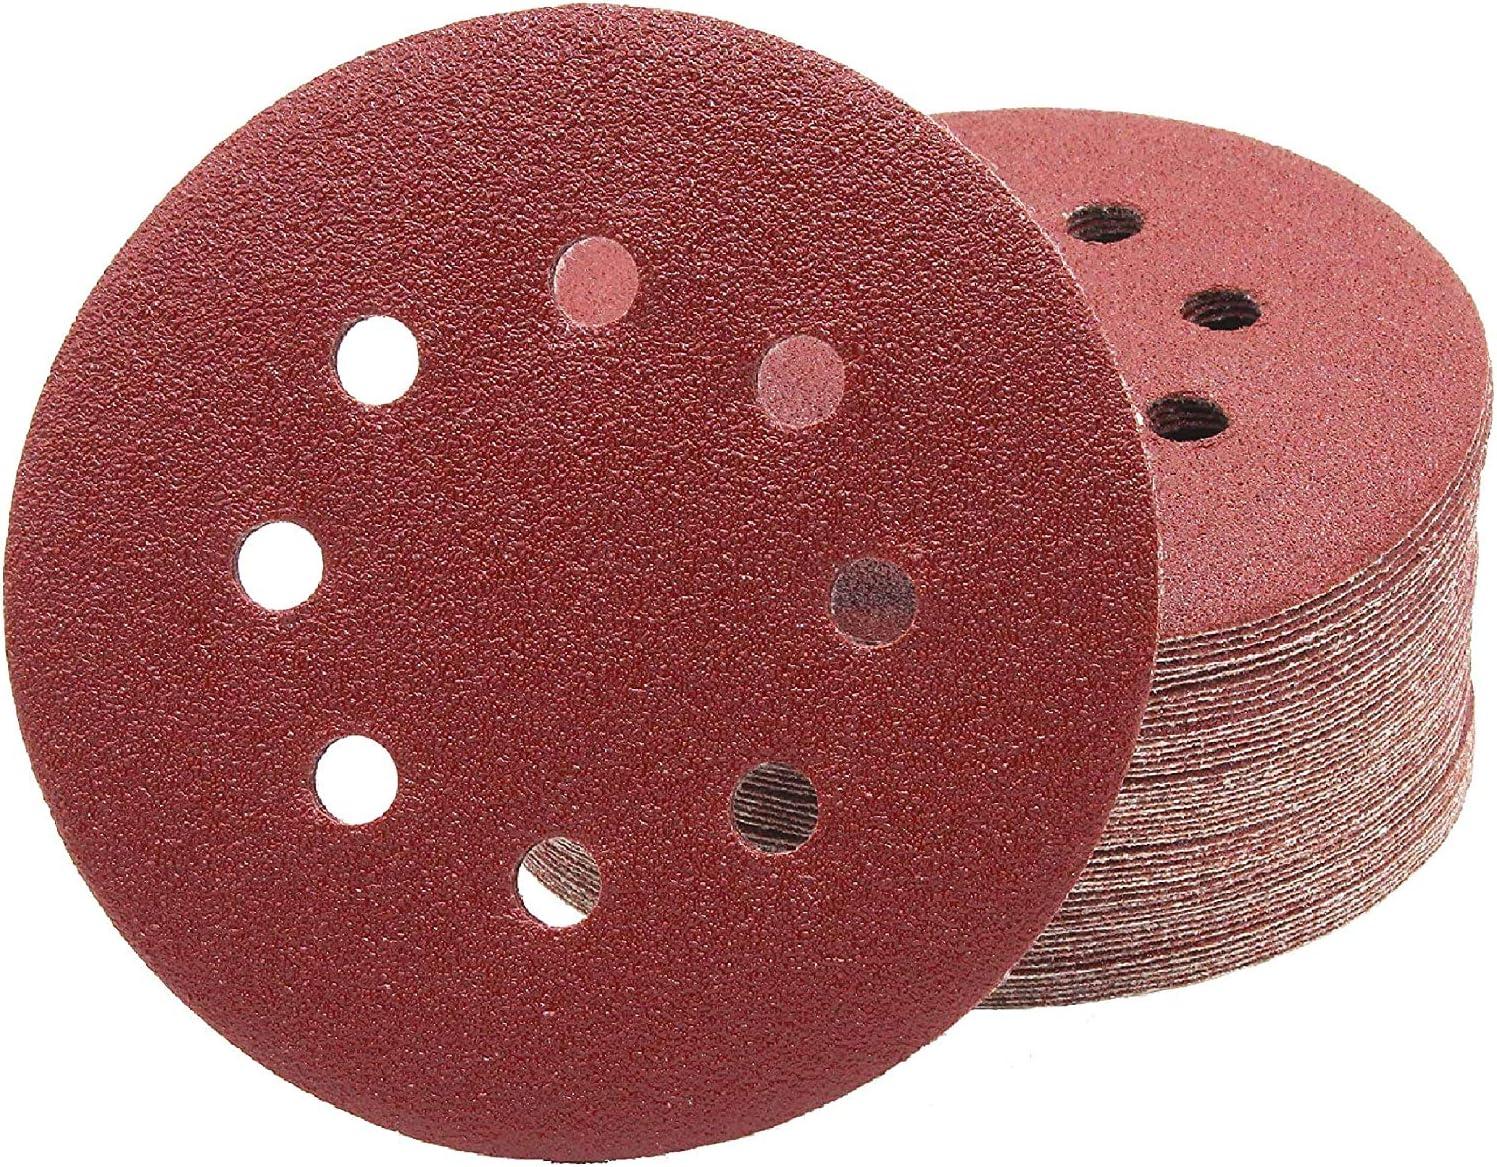 HYY-YY Lot de 160 disques abrasifs /à 8 trous de 12,7 cm pour ponceuse orbitale grain 40-2000